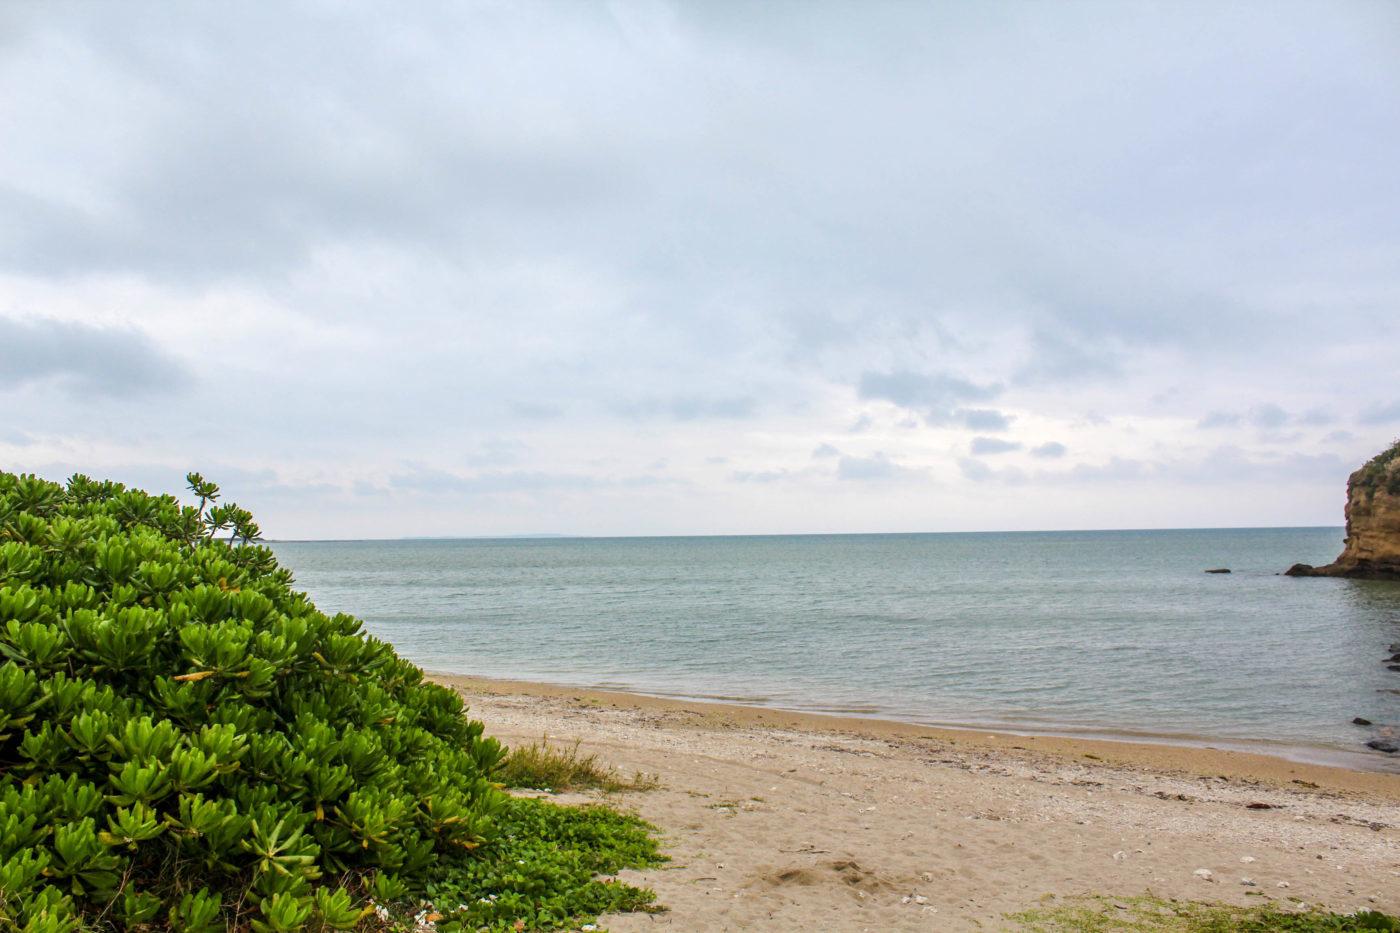 沖縄県総合公園オートキャンプ場は海で遊べるキャンプ場